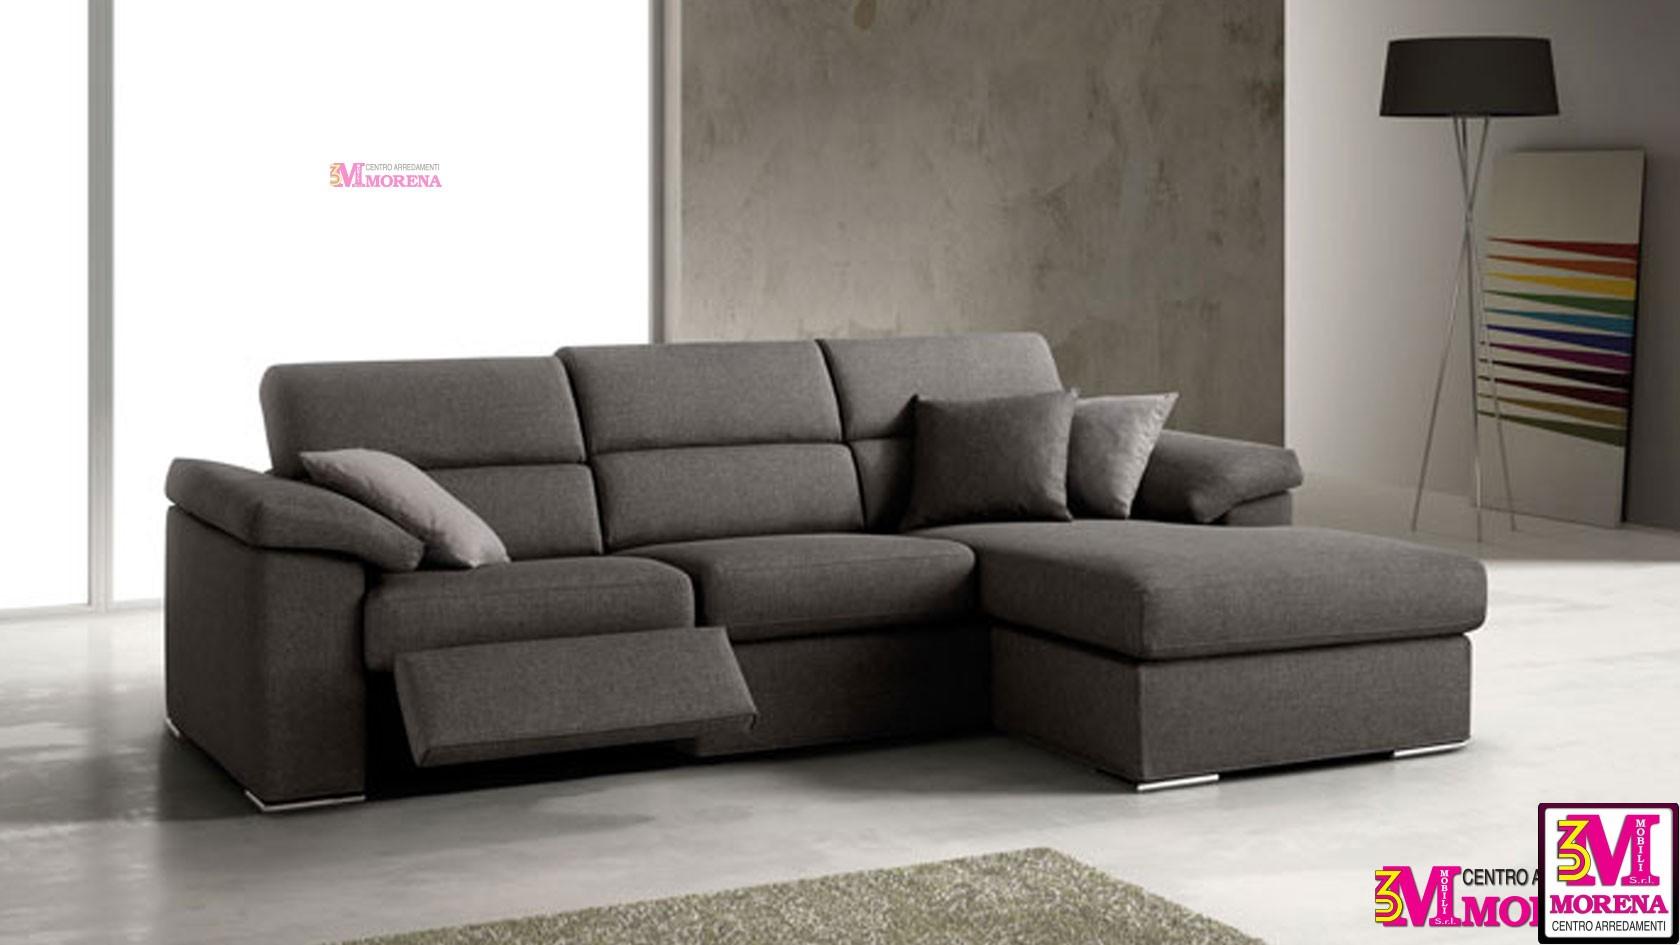 Divano touch for Divano 4 posti relax